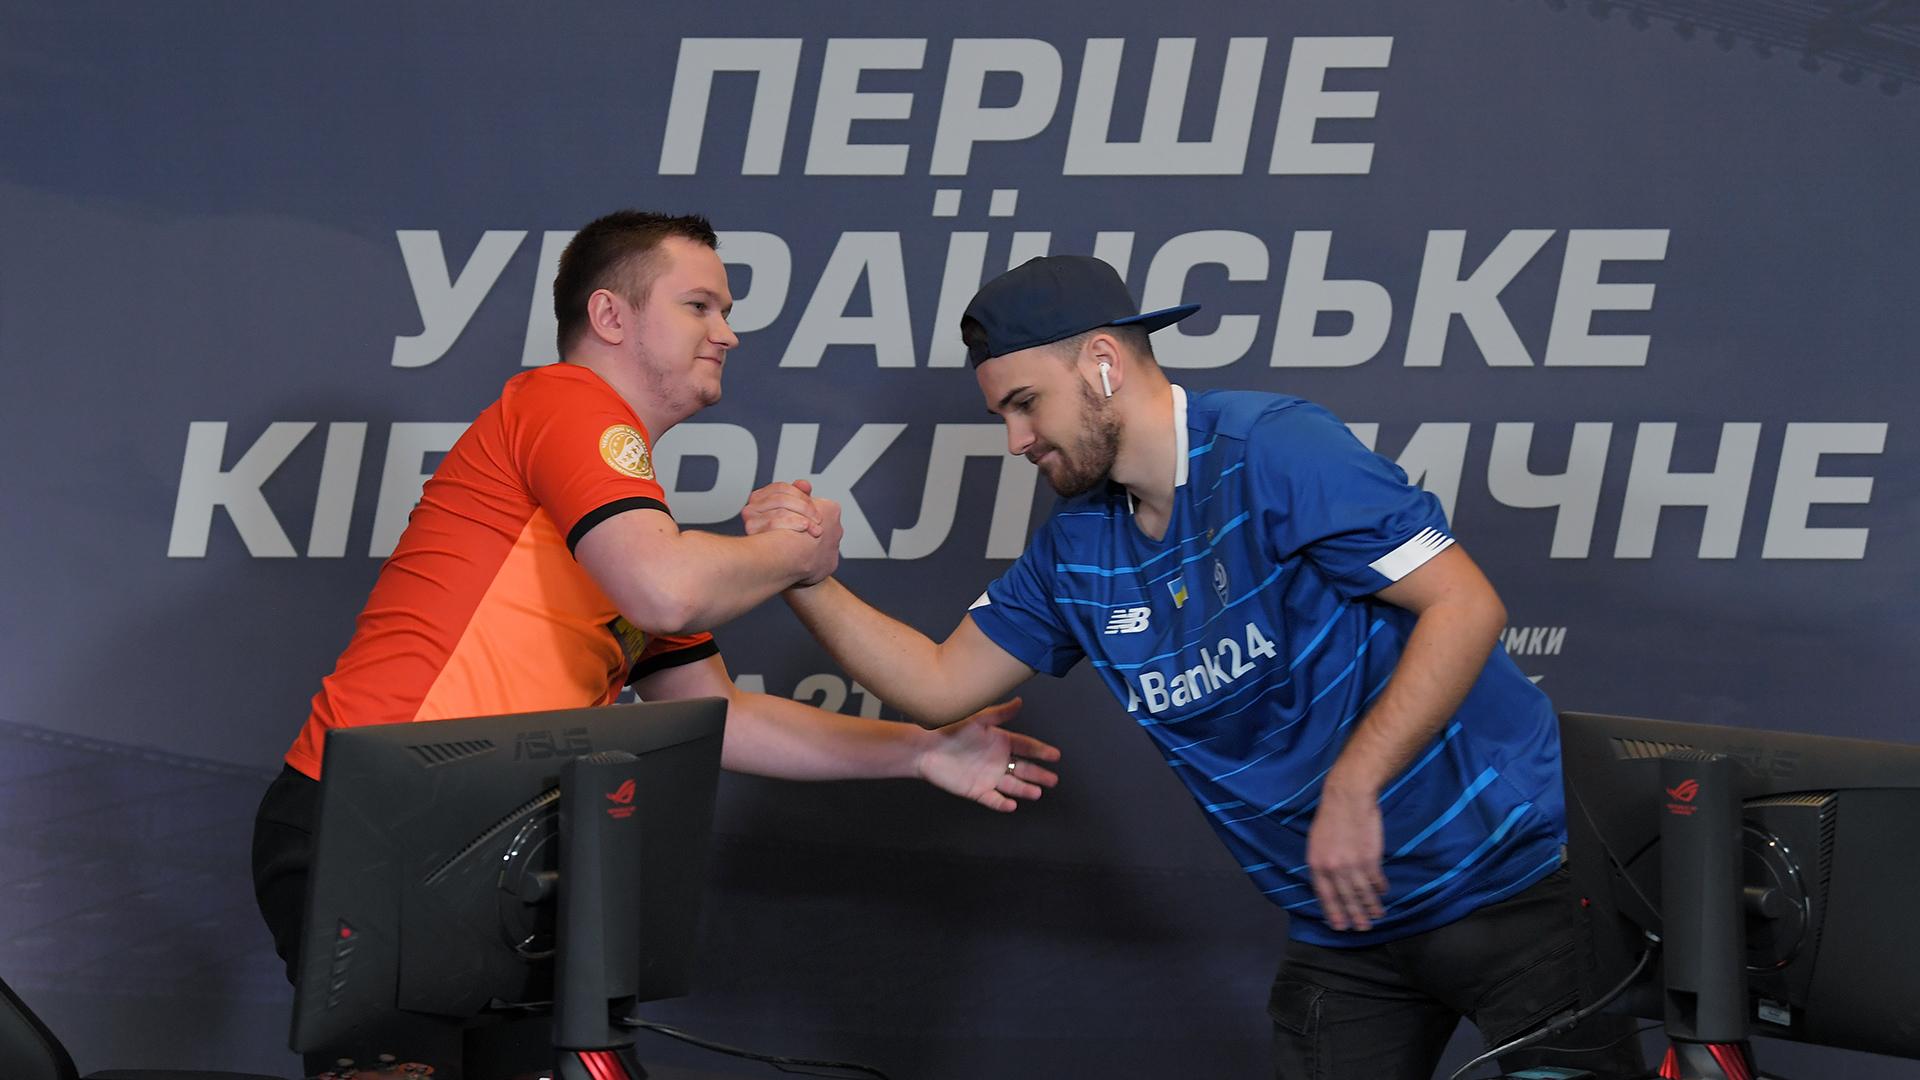 Динамо обыграло Шахтер в уникальной прелюдии матча грандов (фото, видео)